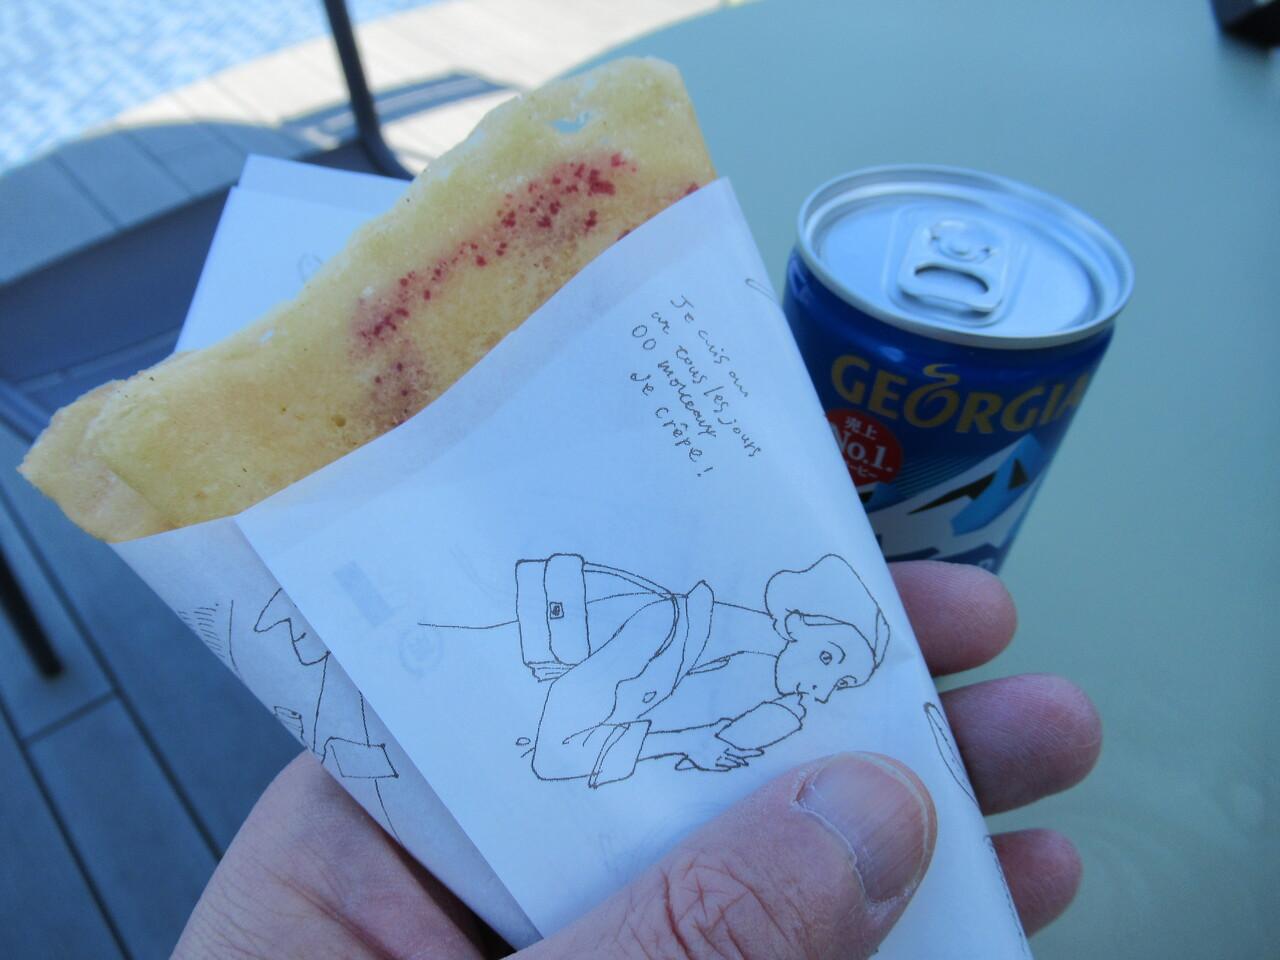 池袋 - MOMI & TOY'S 西武池袋店 「ミックスベリーチーズ ¥380(税込)」